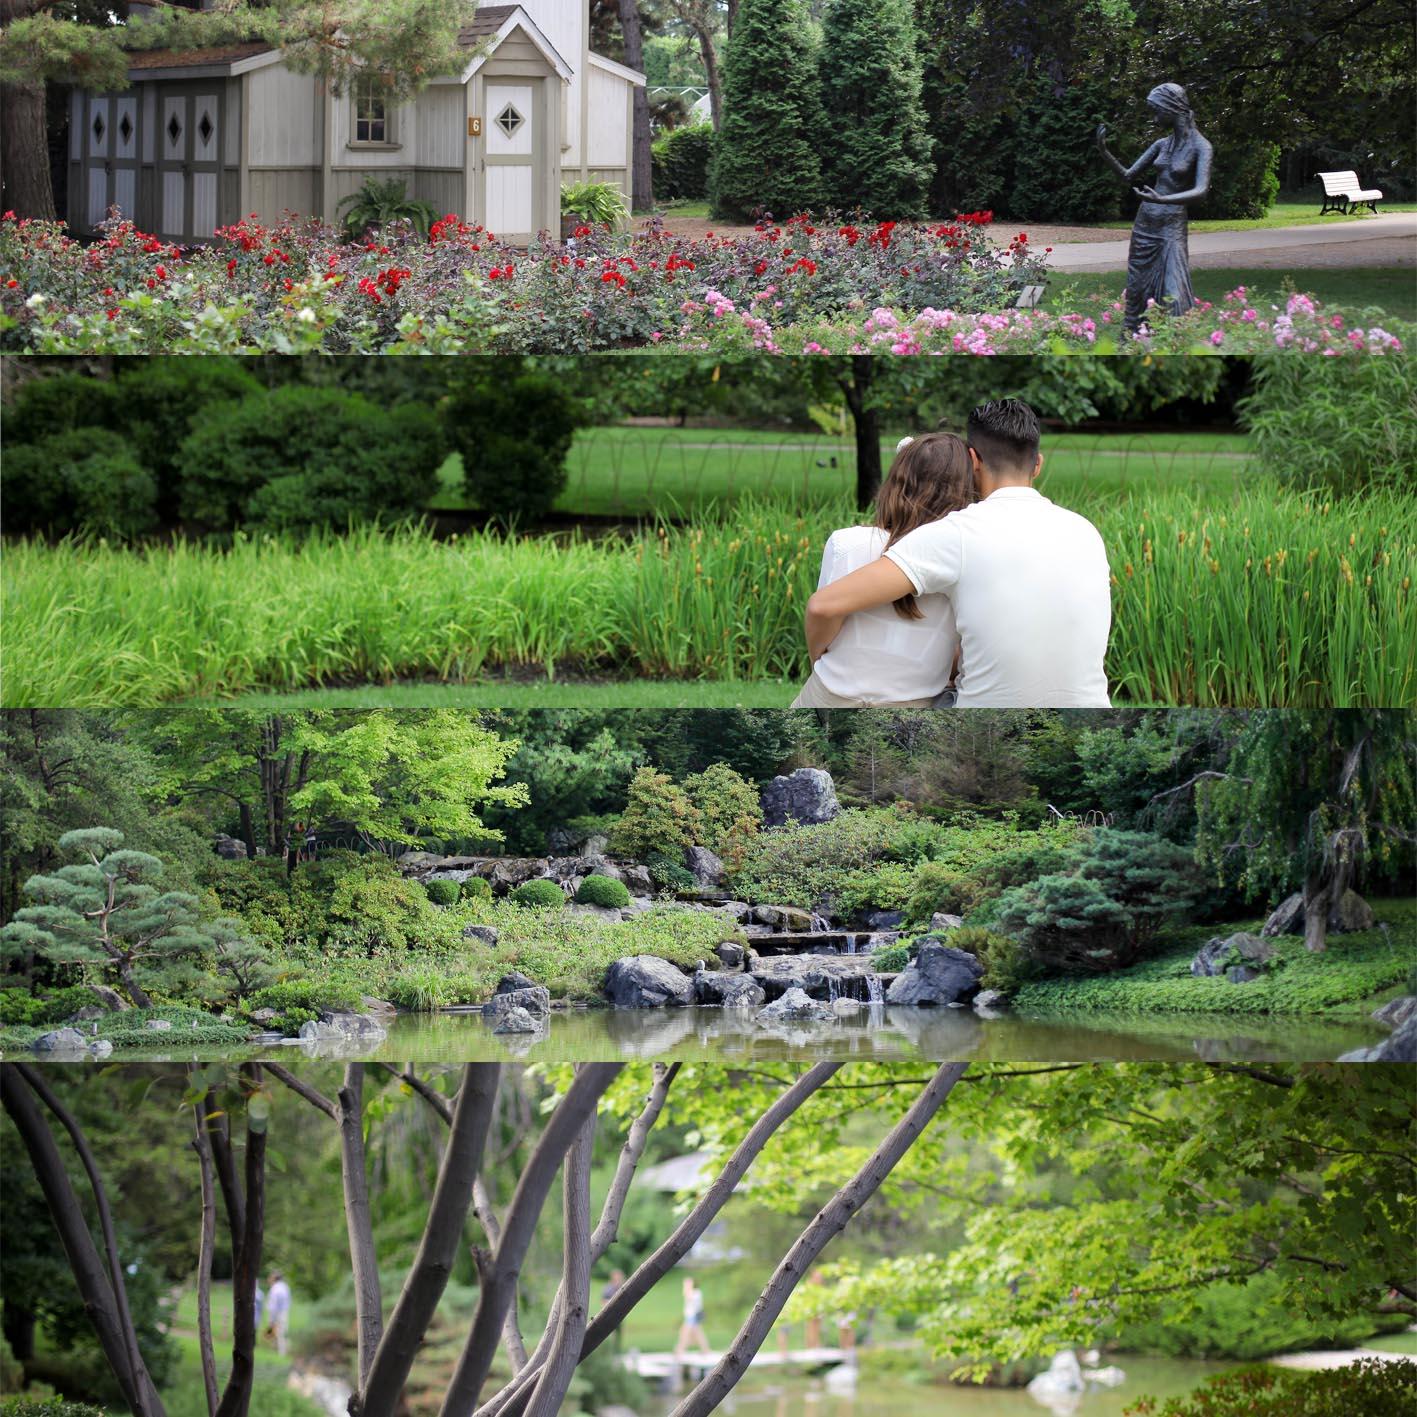 Jardin botanique montr al on met les voiles blog voyage for Jardin botanique decembre 2015